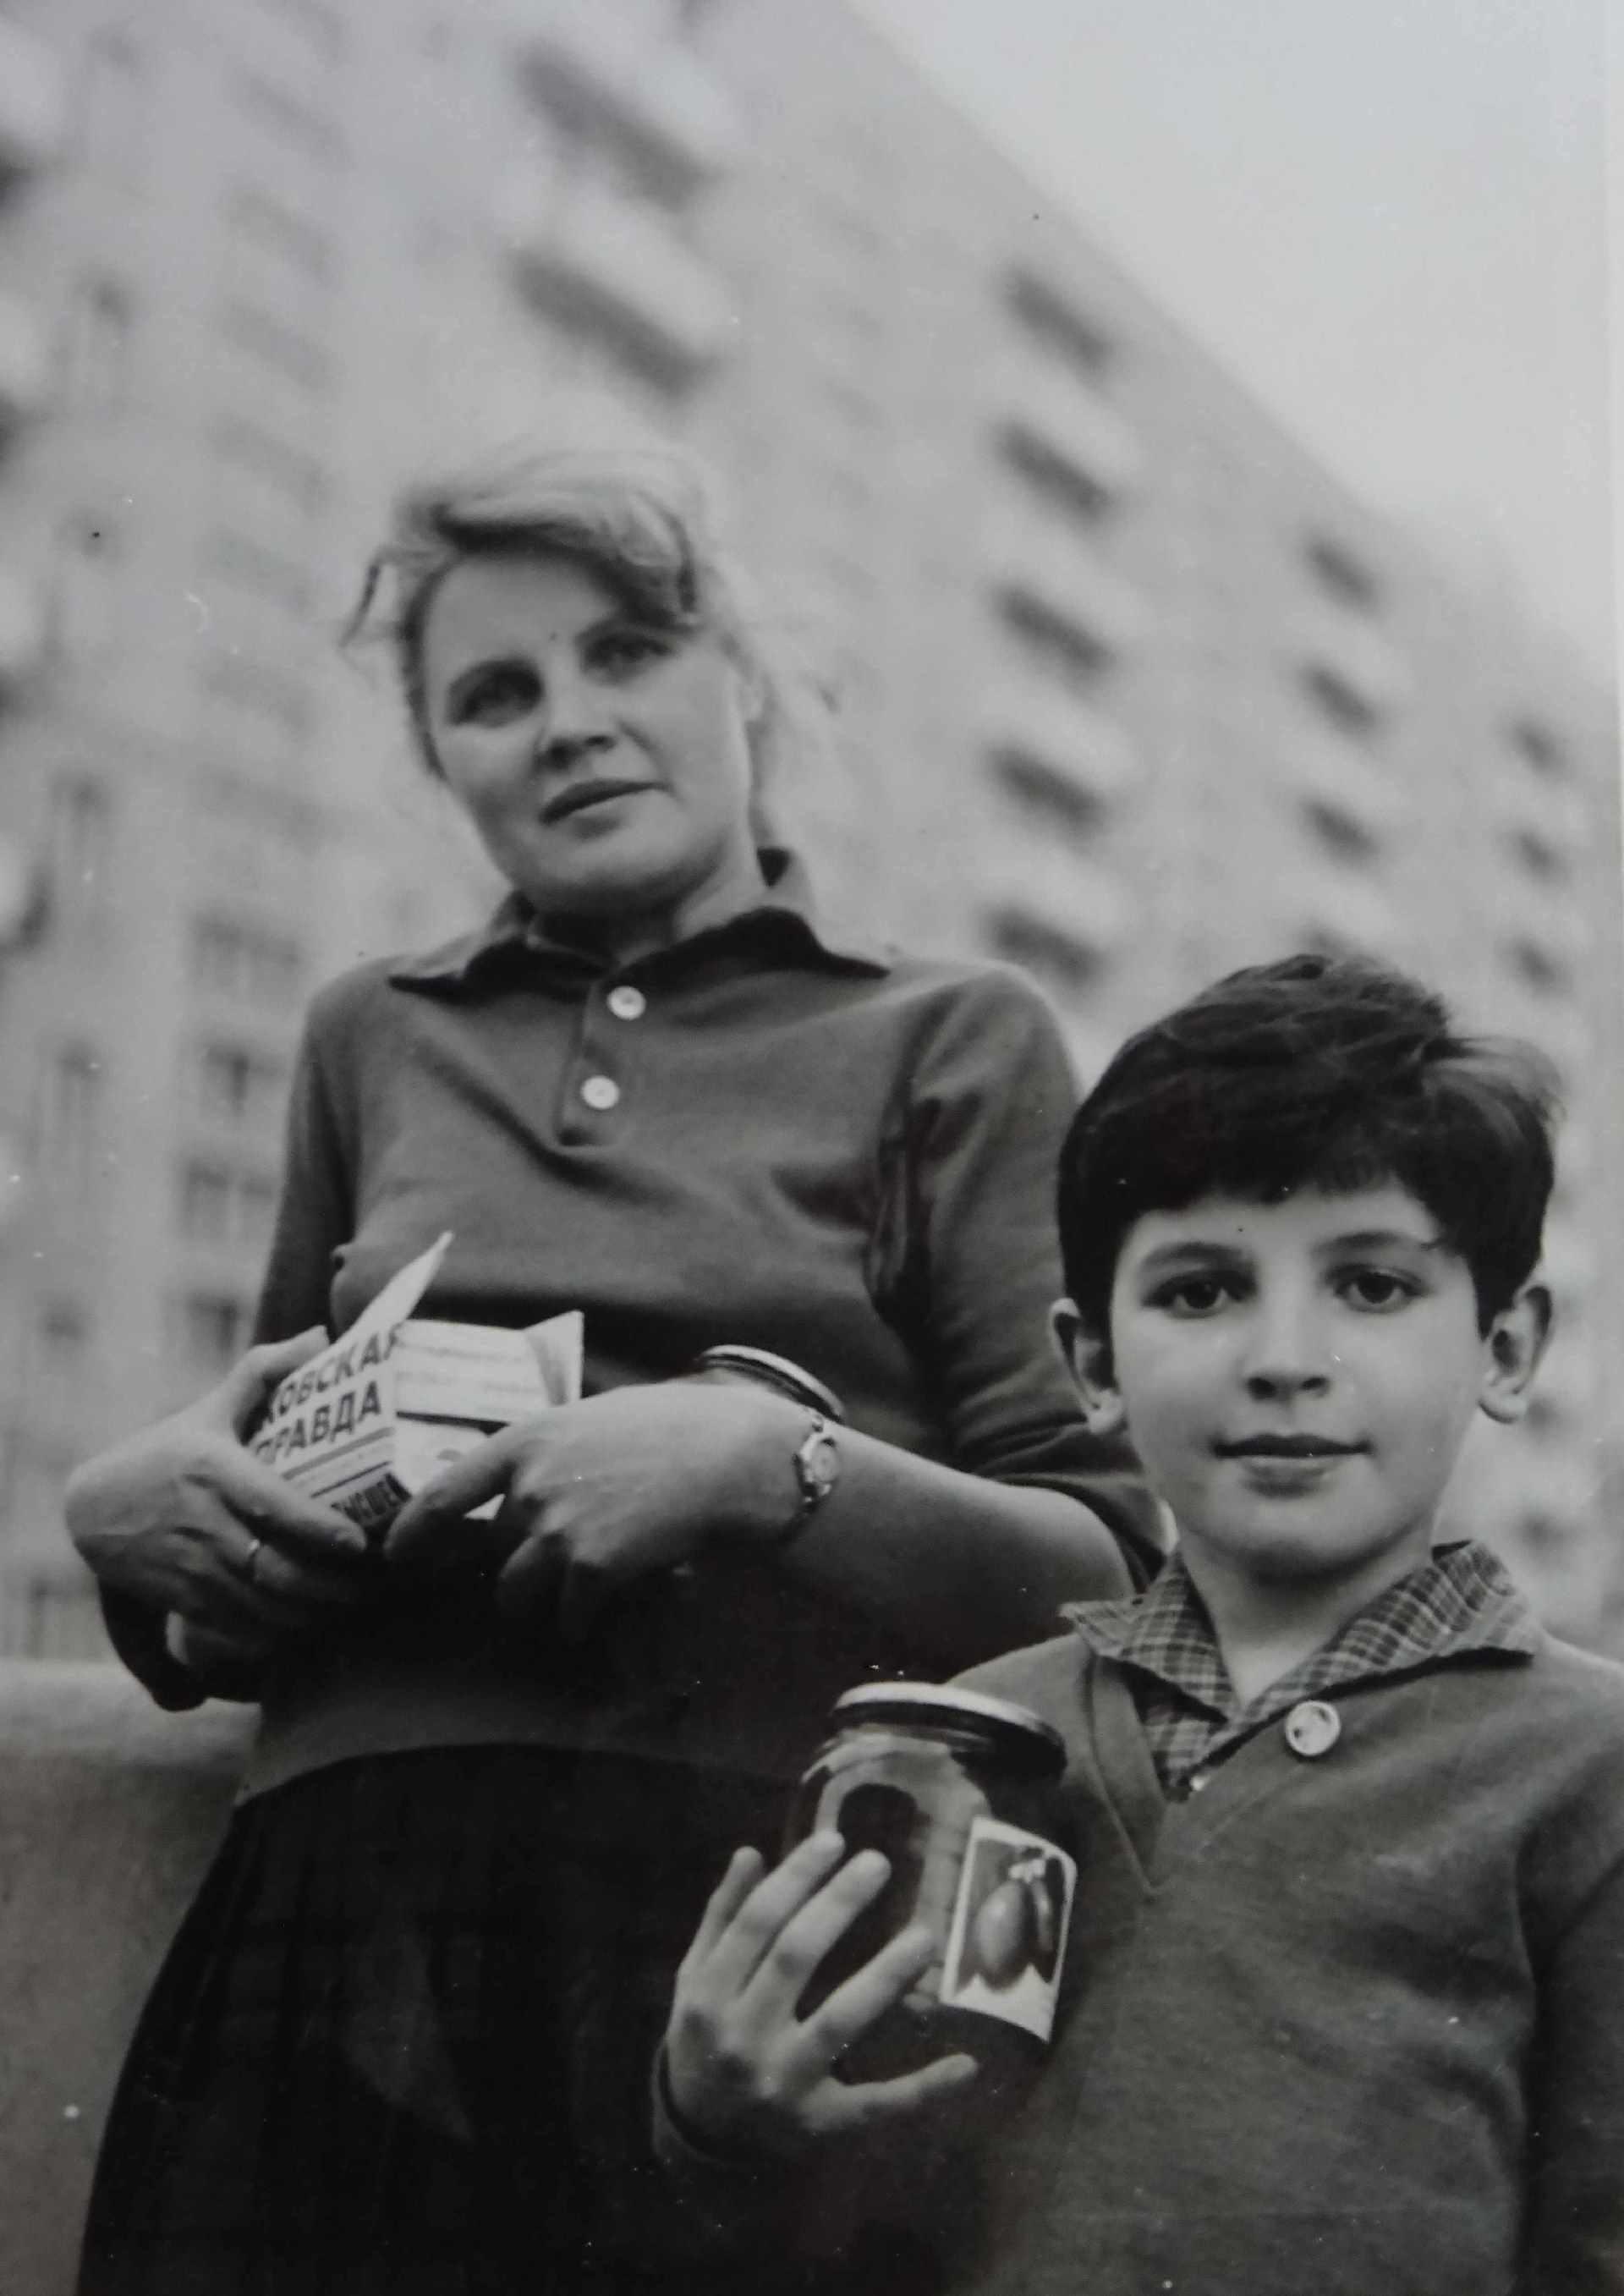 Экспонат #22. Людмила Алексеевна Доронина с сыном Юрием. Москва, конец 60-х годов